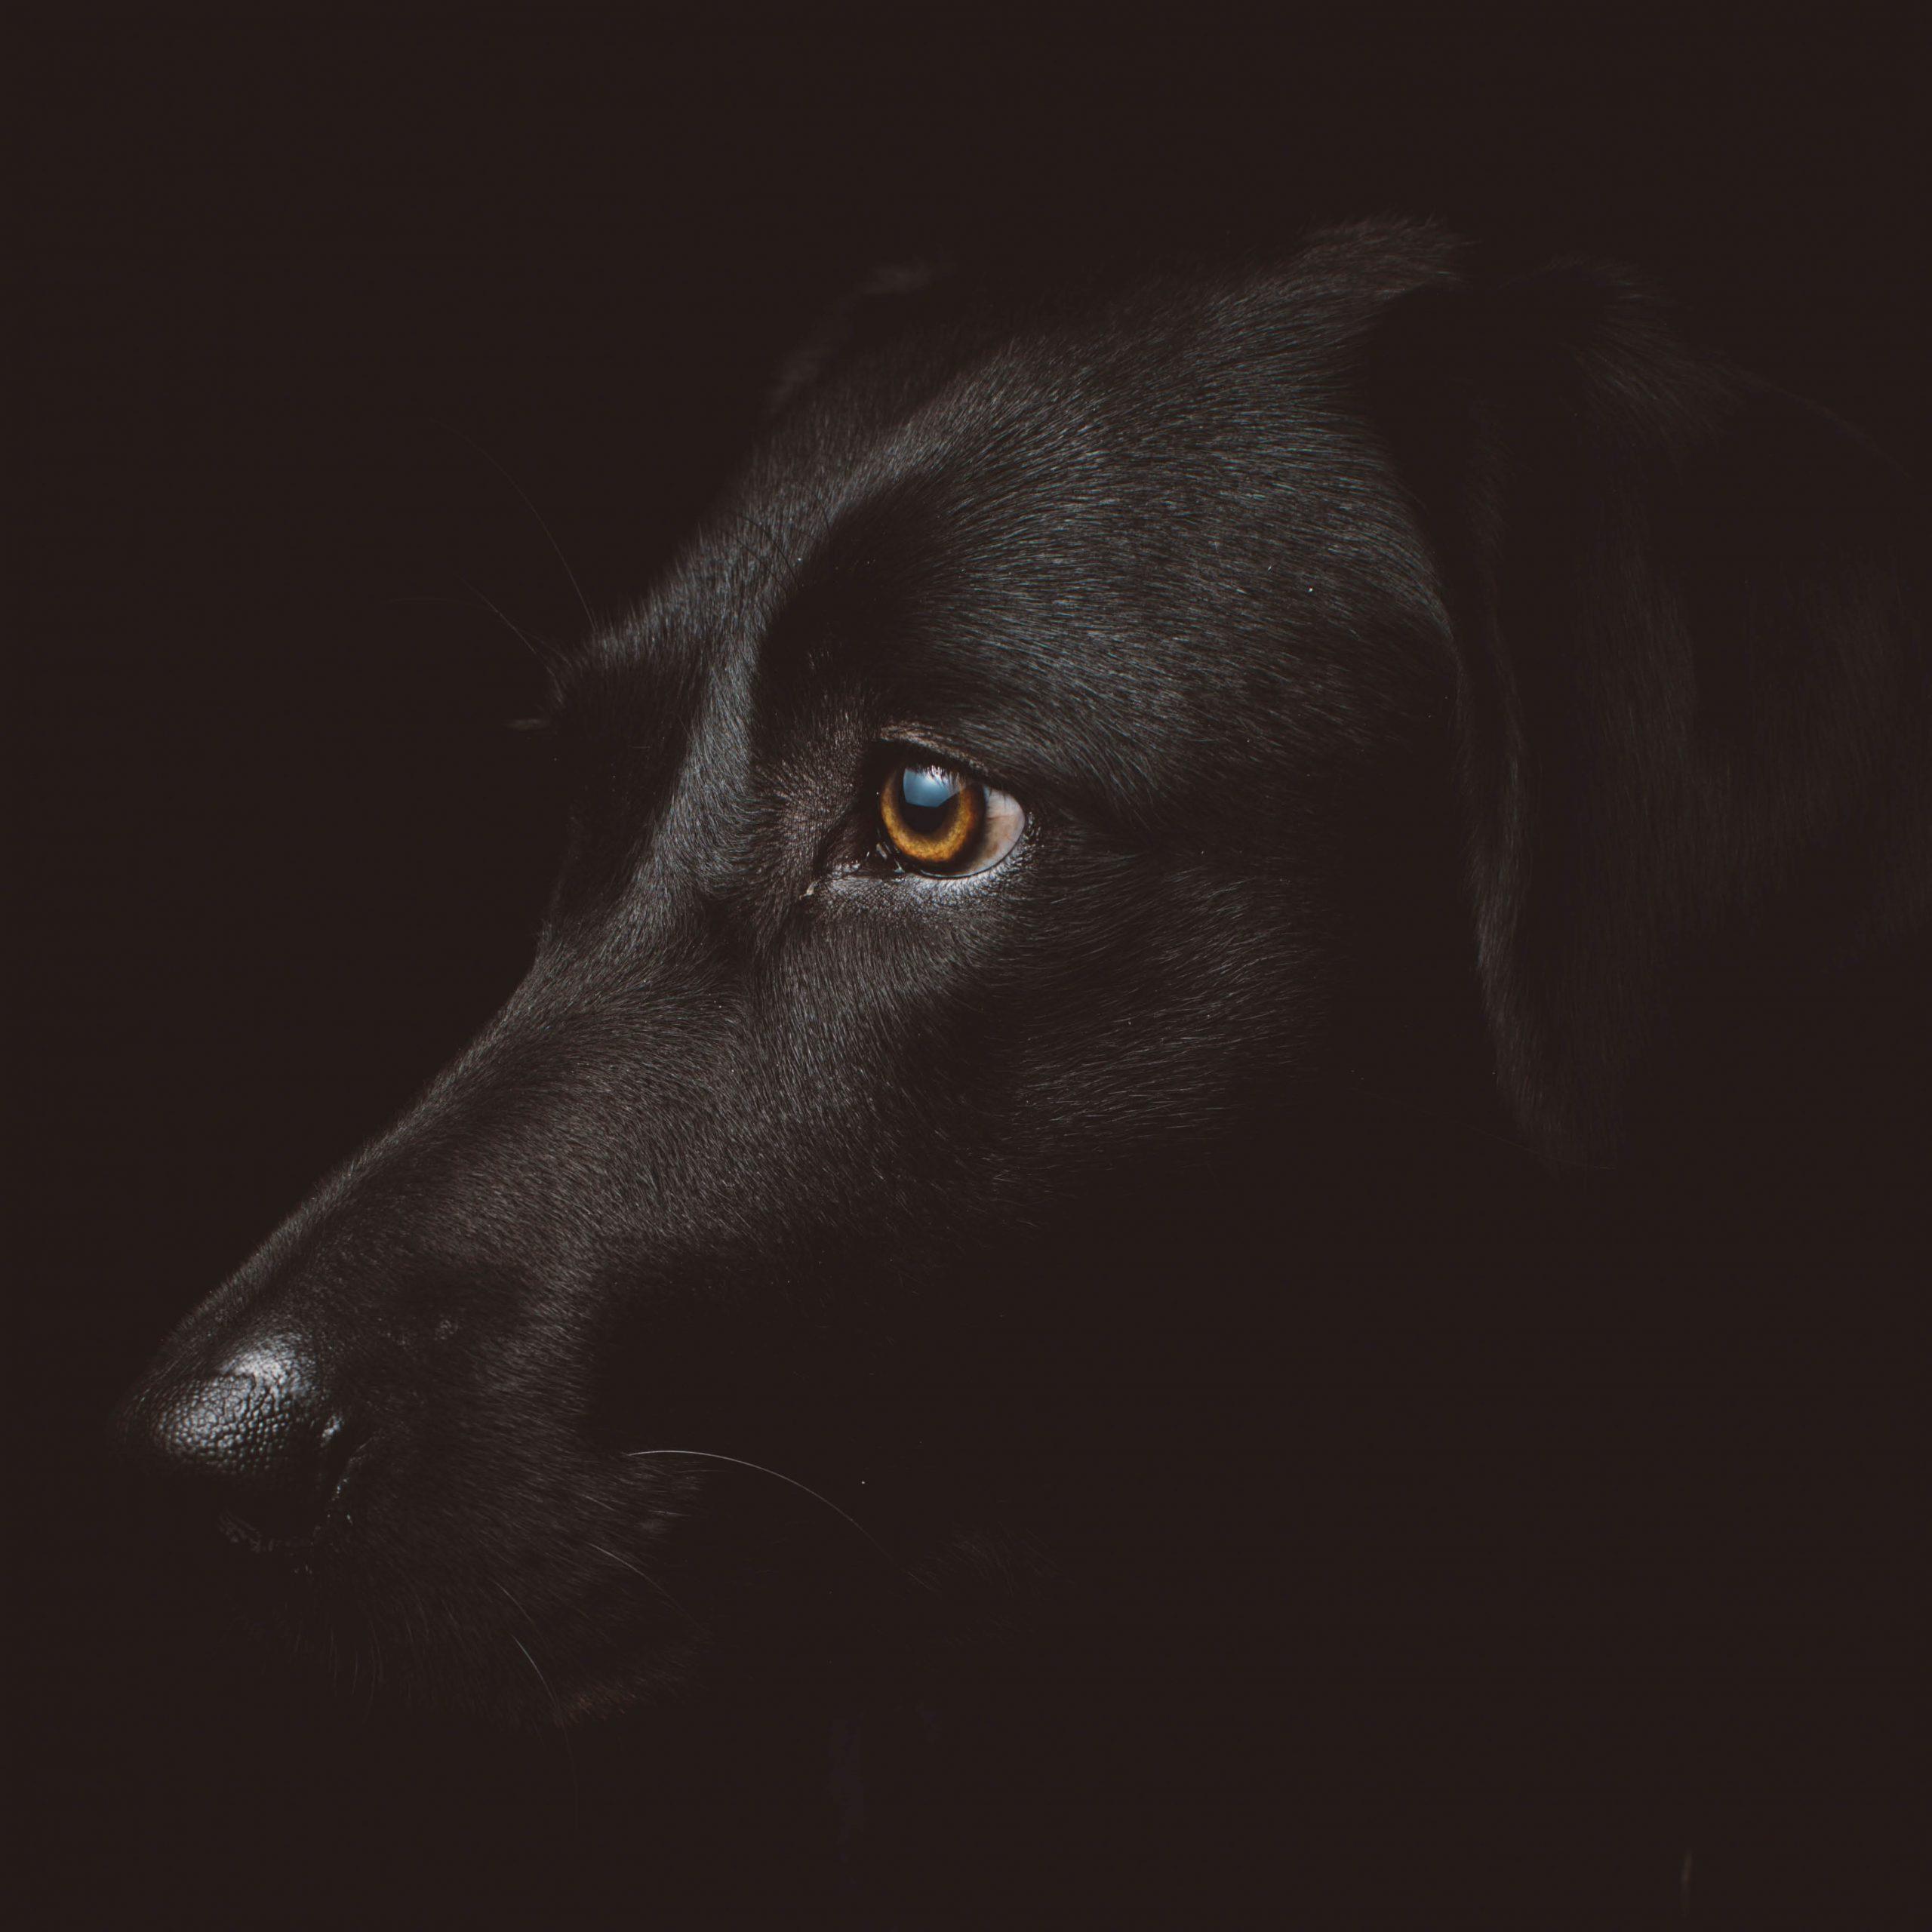 ANWB . Wandelen met je hond